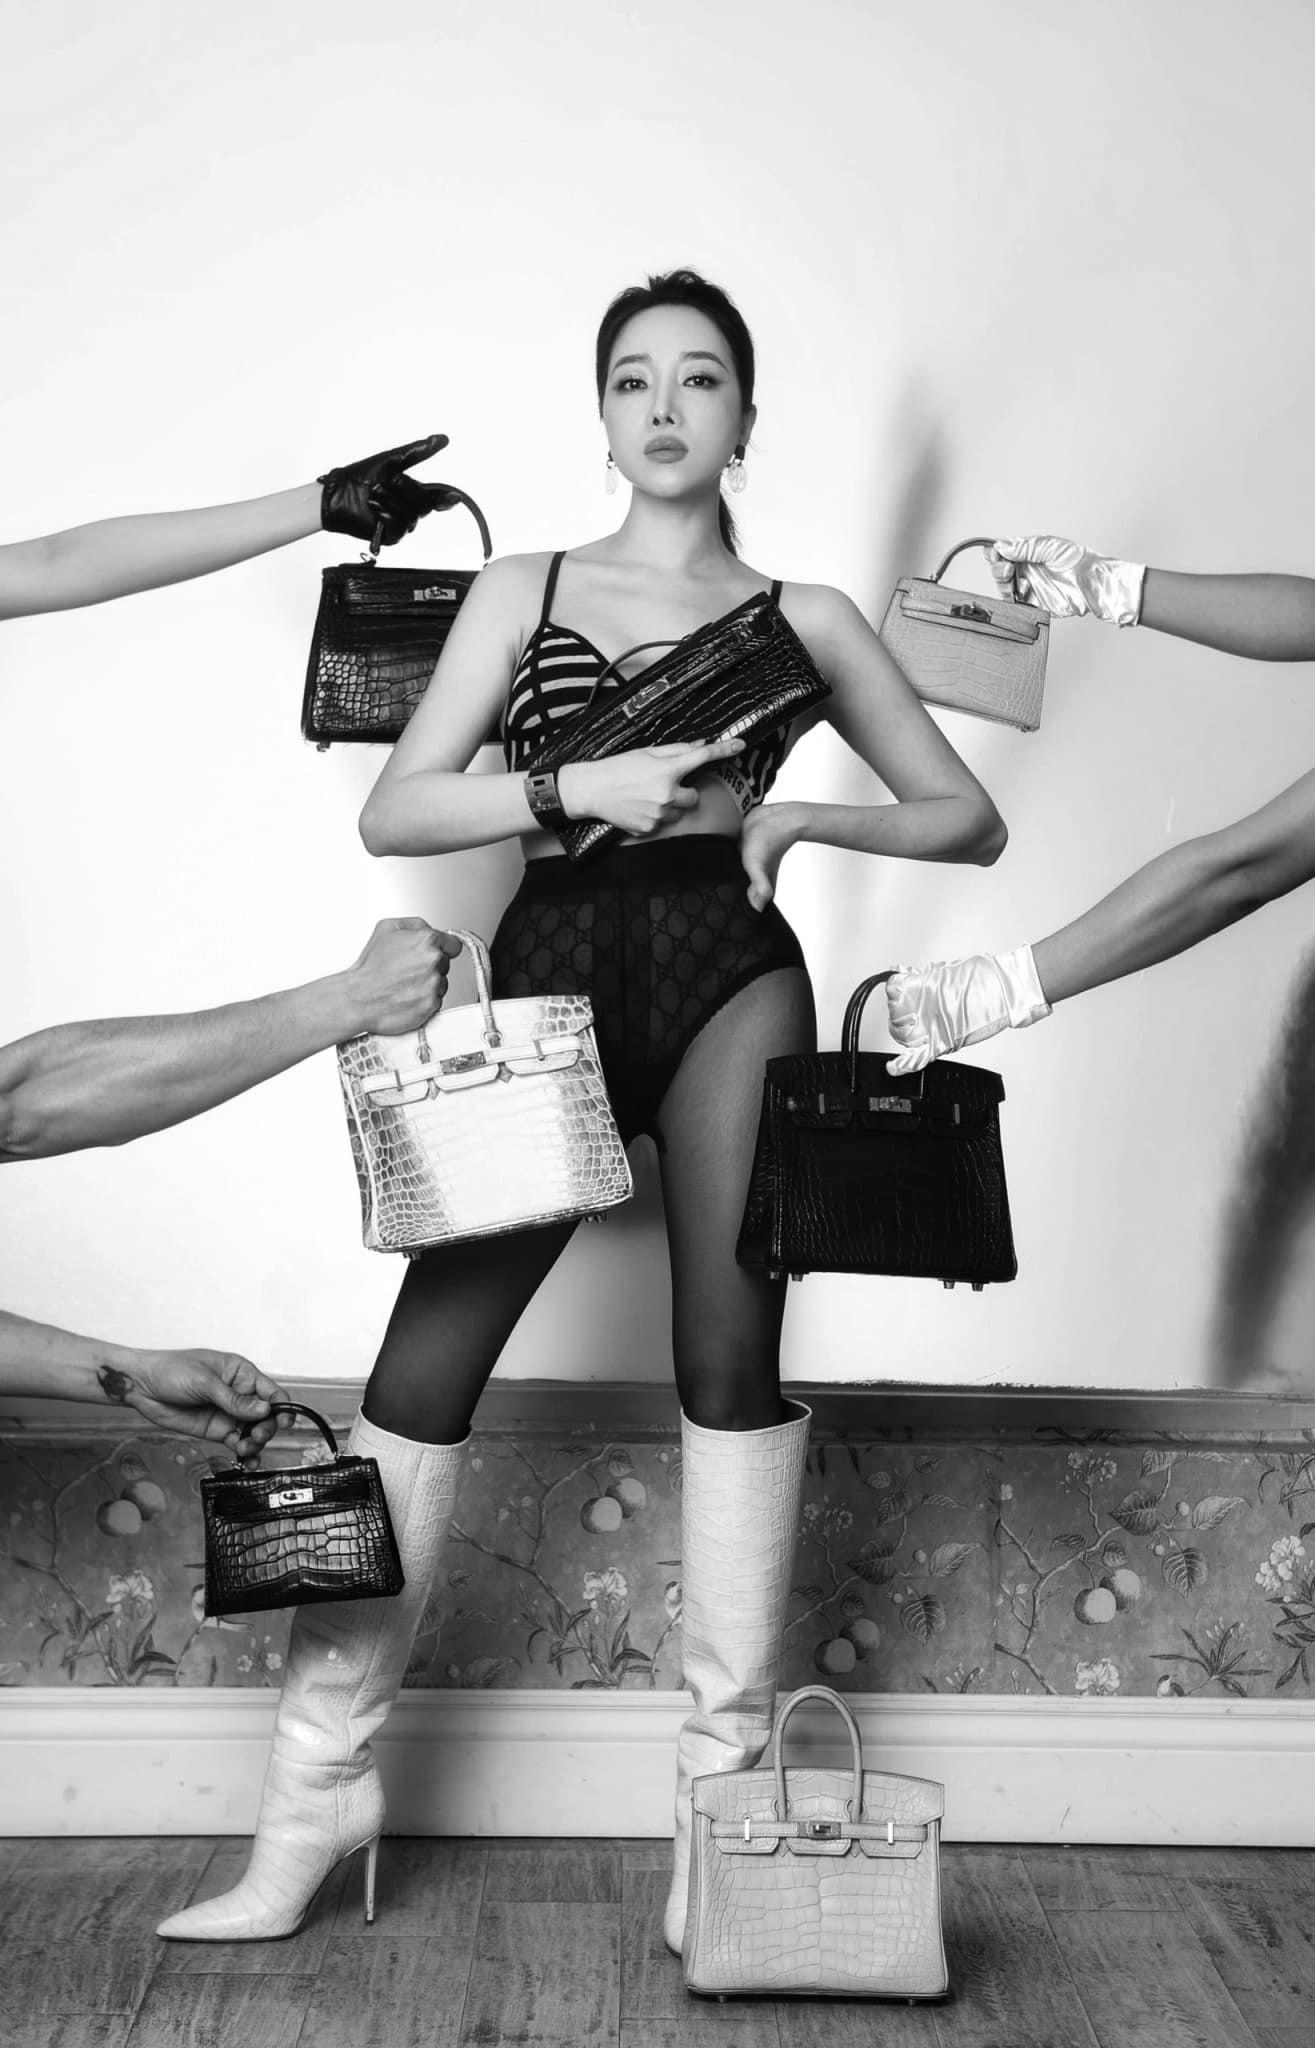 Hot mom nhiều túi Hermès hơn cả Ngọc Trinh lần đầu hé lộ gia tài túi hơn 30 tỷ, nhiều mẫu hot hit chưa chắc có tiền đã mua được - Ảnh 7.